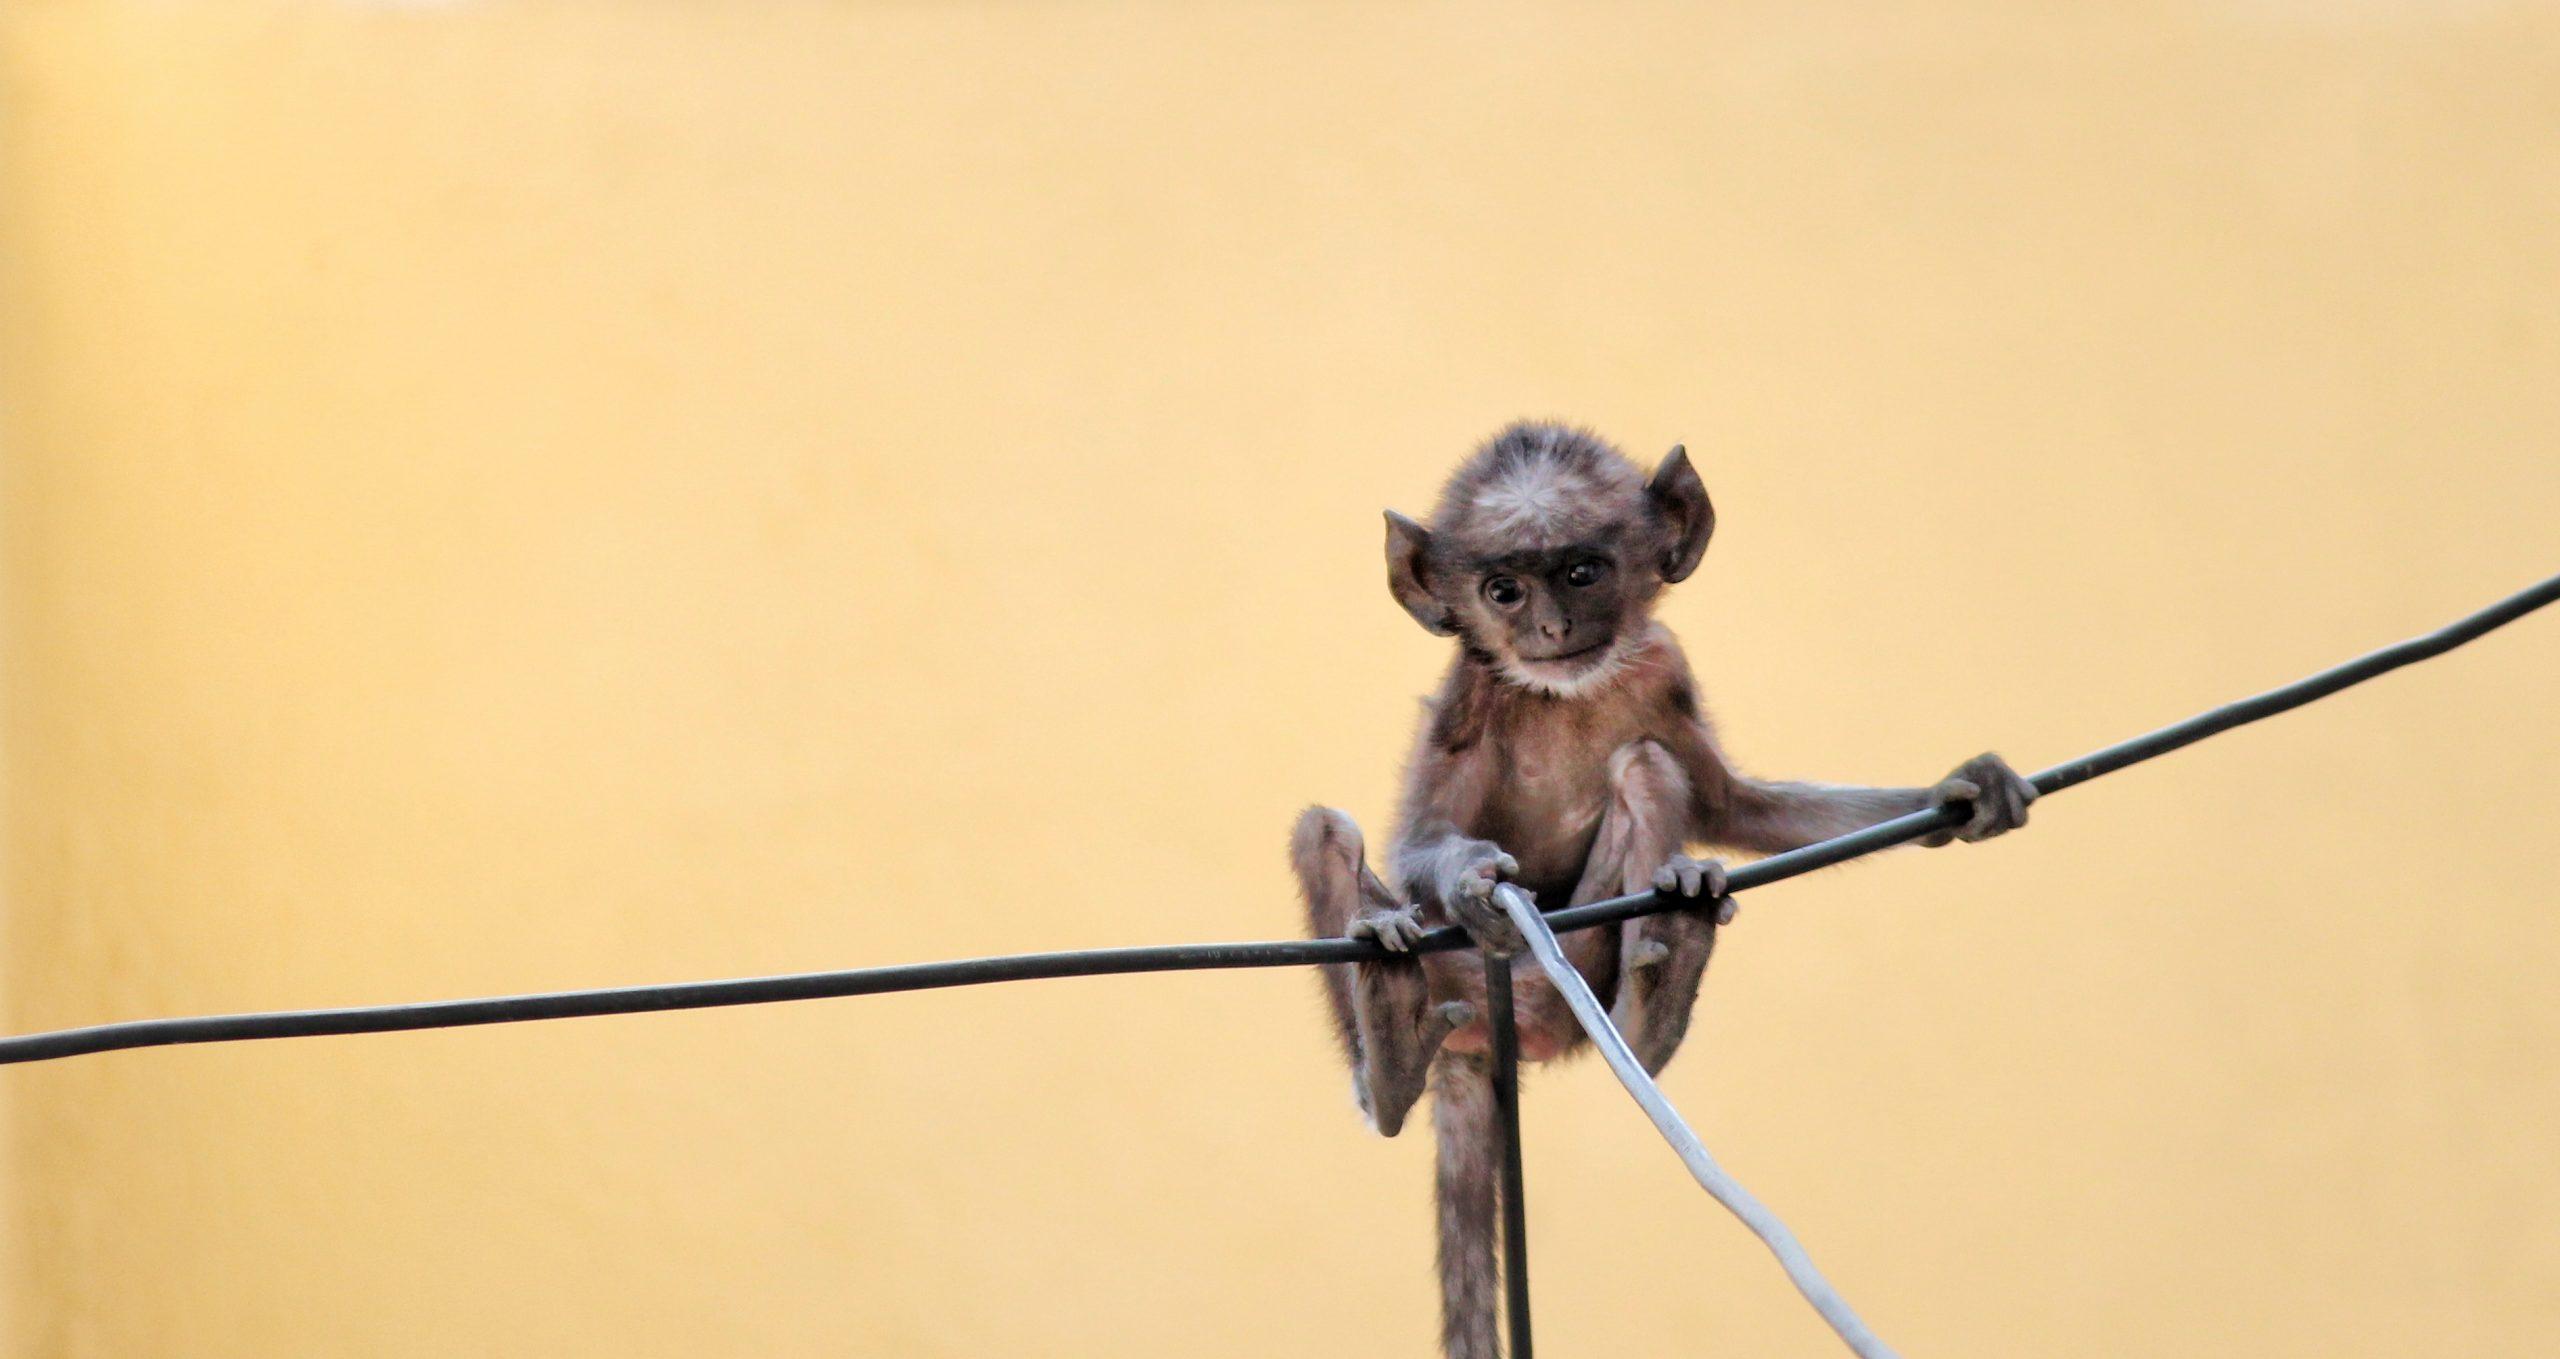 Joyful Baby Monkey